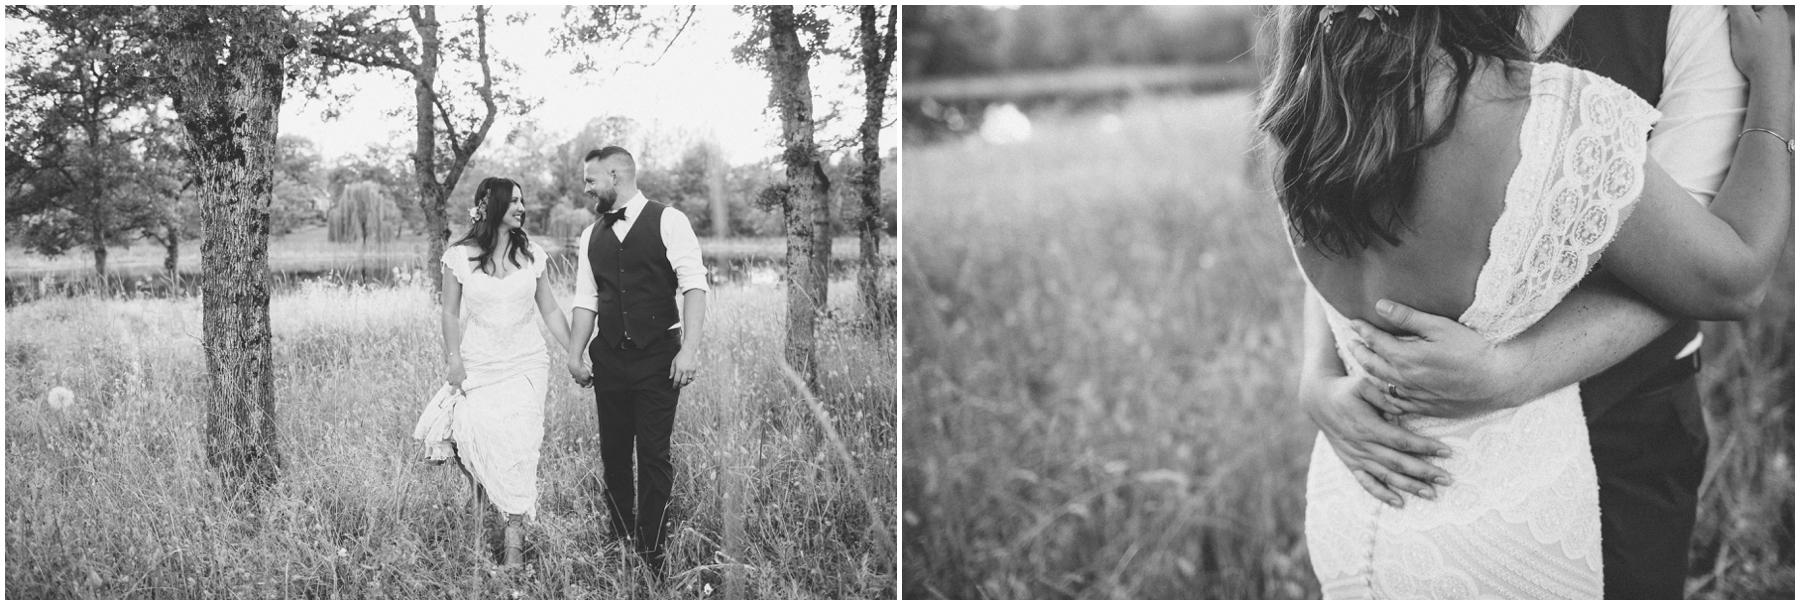 amandabrendan-wedding_web_0137